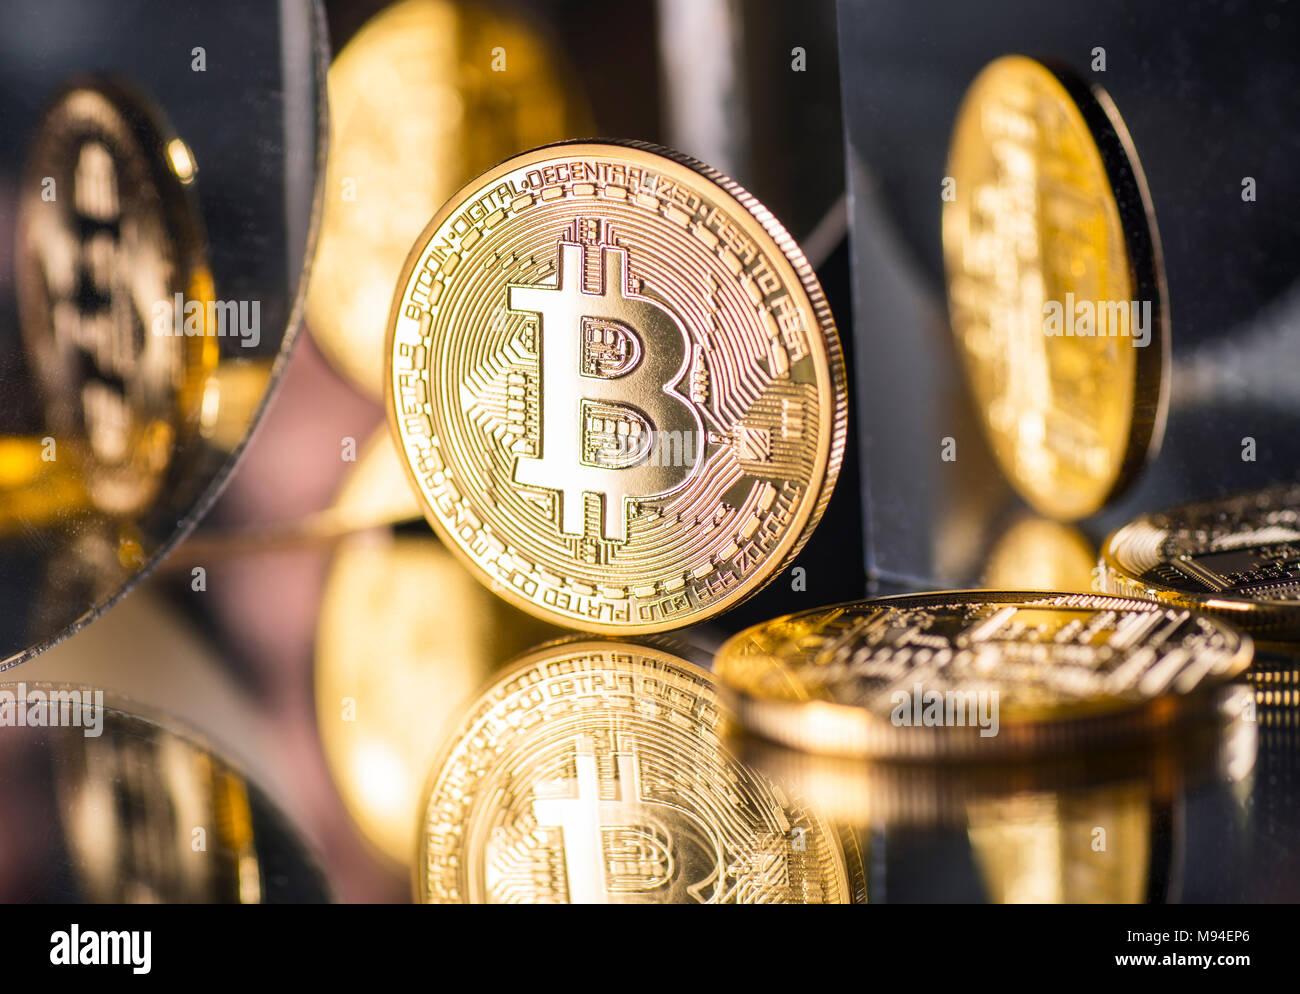 Münze der Crypto-Währung Bitcoin mit mehreren Reflexionen Stockbild